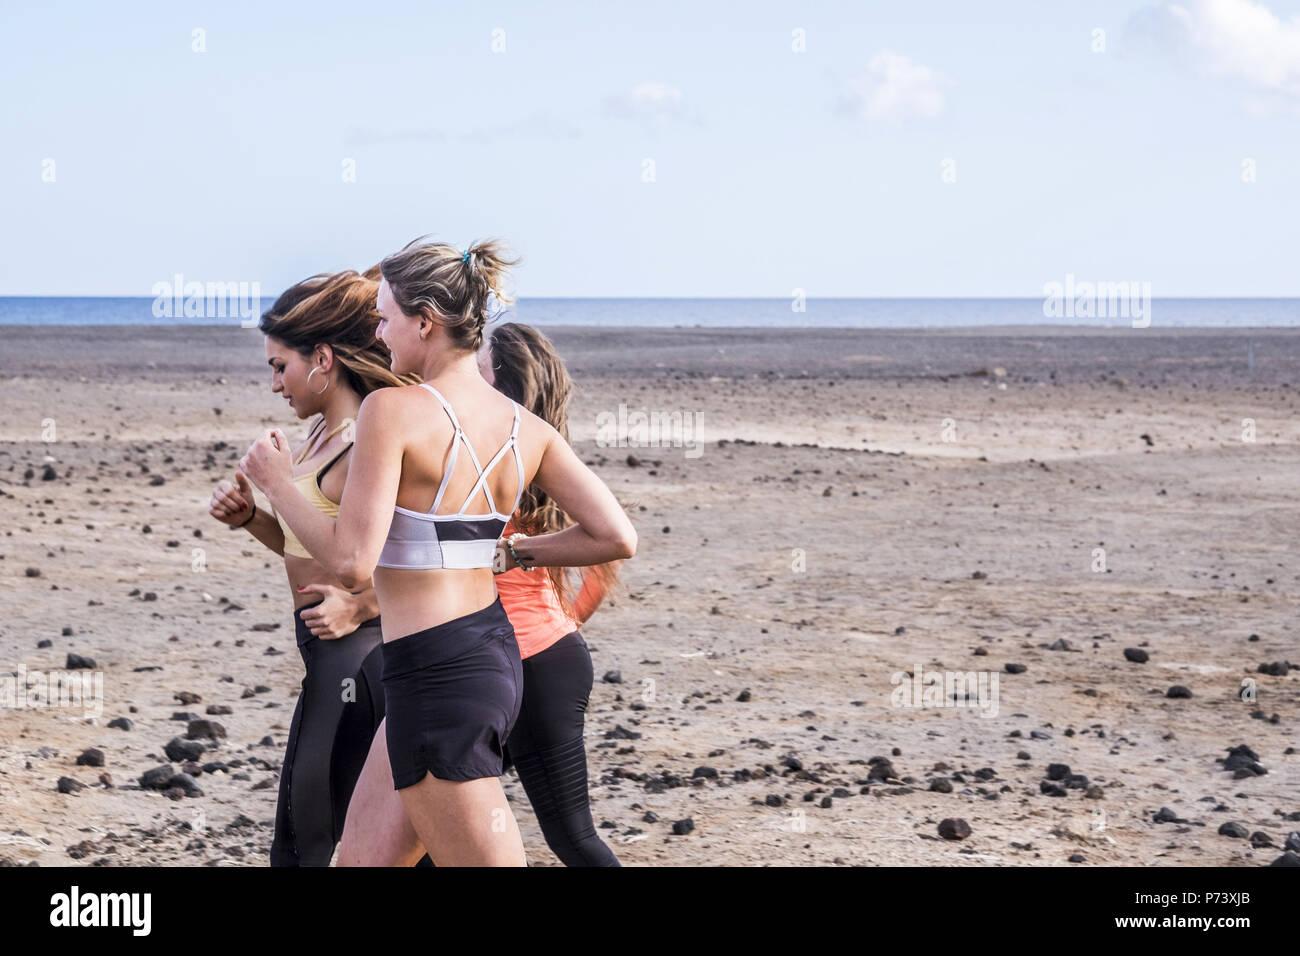 Tres hermosas mujeres jóvenes caucásicos girando cerca del océano, en la playa para el sano estilo de vida positivo y despreocupado. feliz de trabajar sobre resultados del cuerpo Imagen De Stock